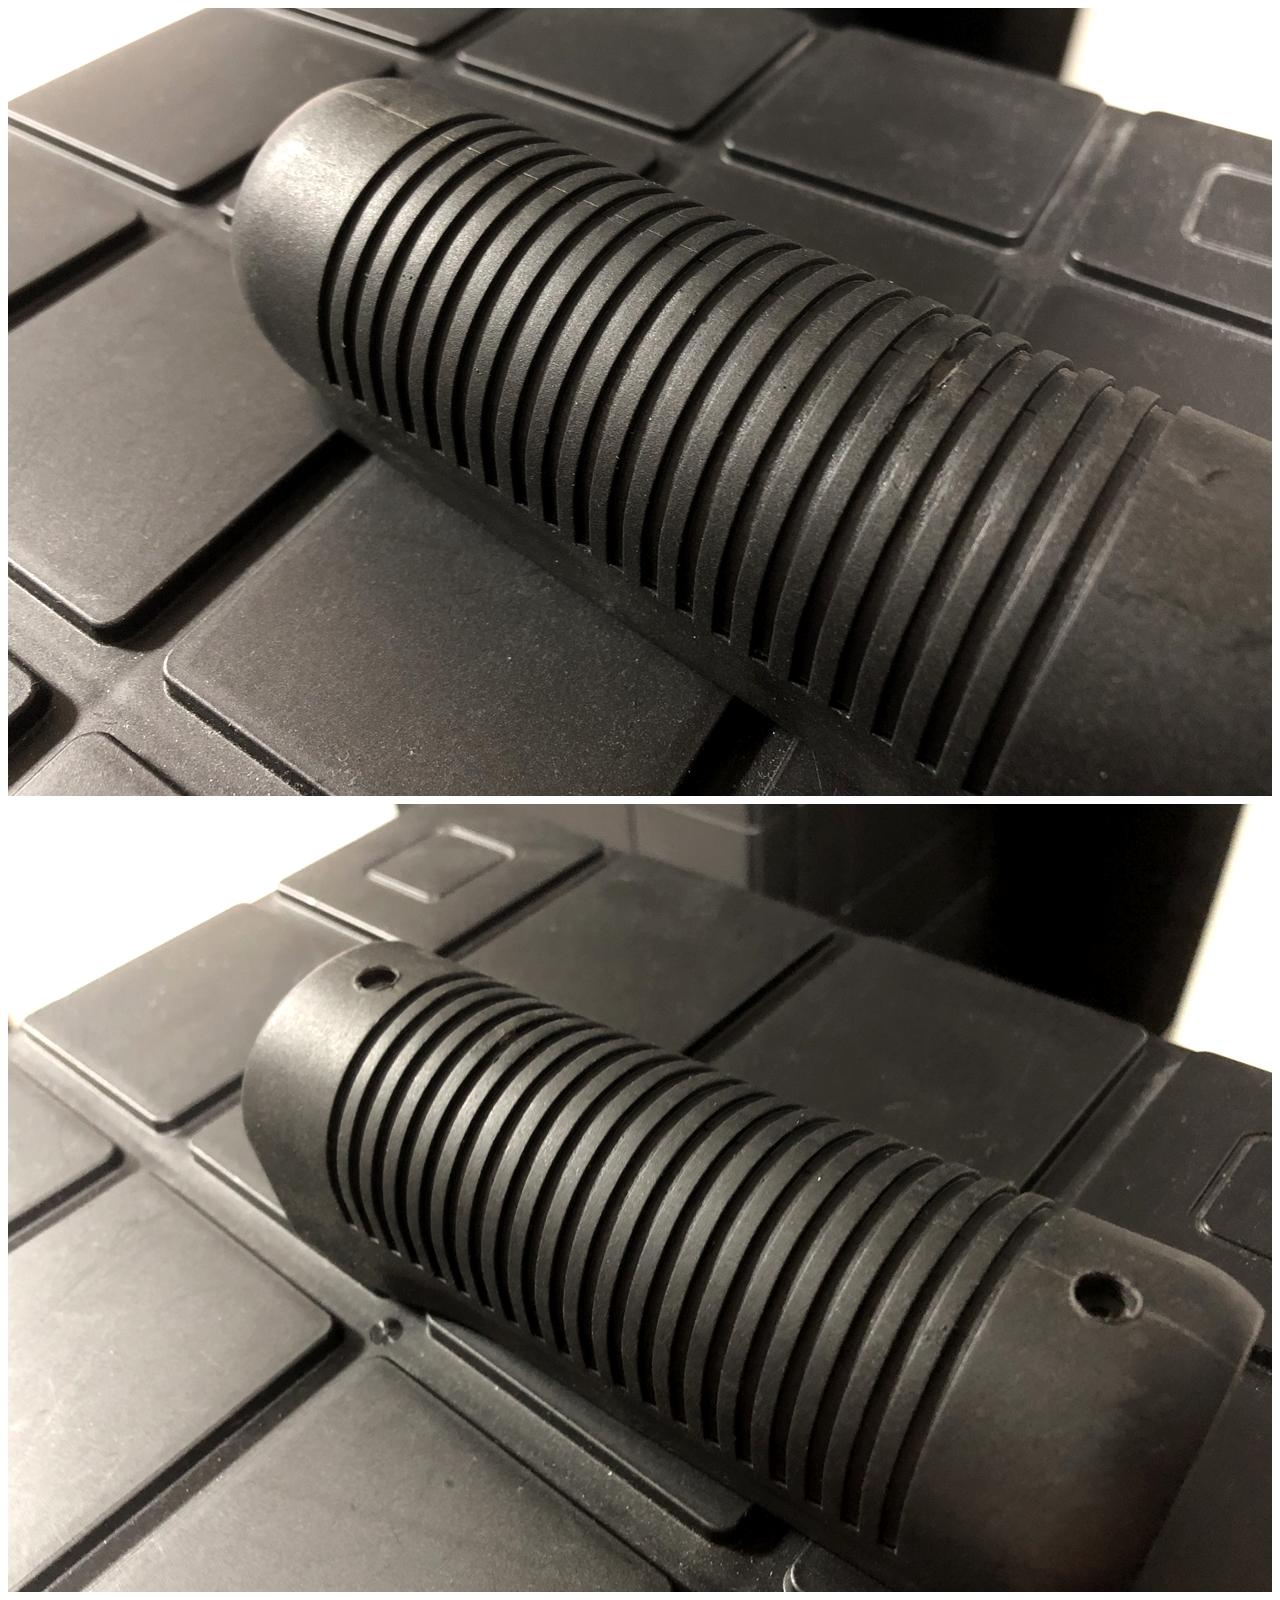 8 マルゼン CA870 フォアエンド カスタム DIY ORIGINAL RAPTOR STRAP KIT 870 FOREND オリジナル ストッパー バンド ベルト パット 加工 取付 結果 レビュー したるの巻